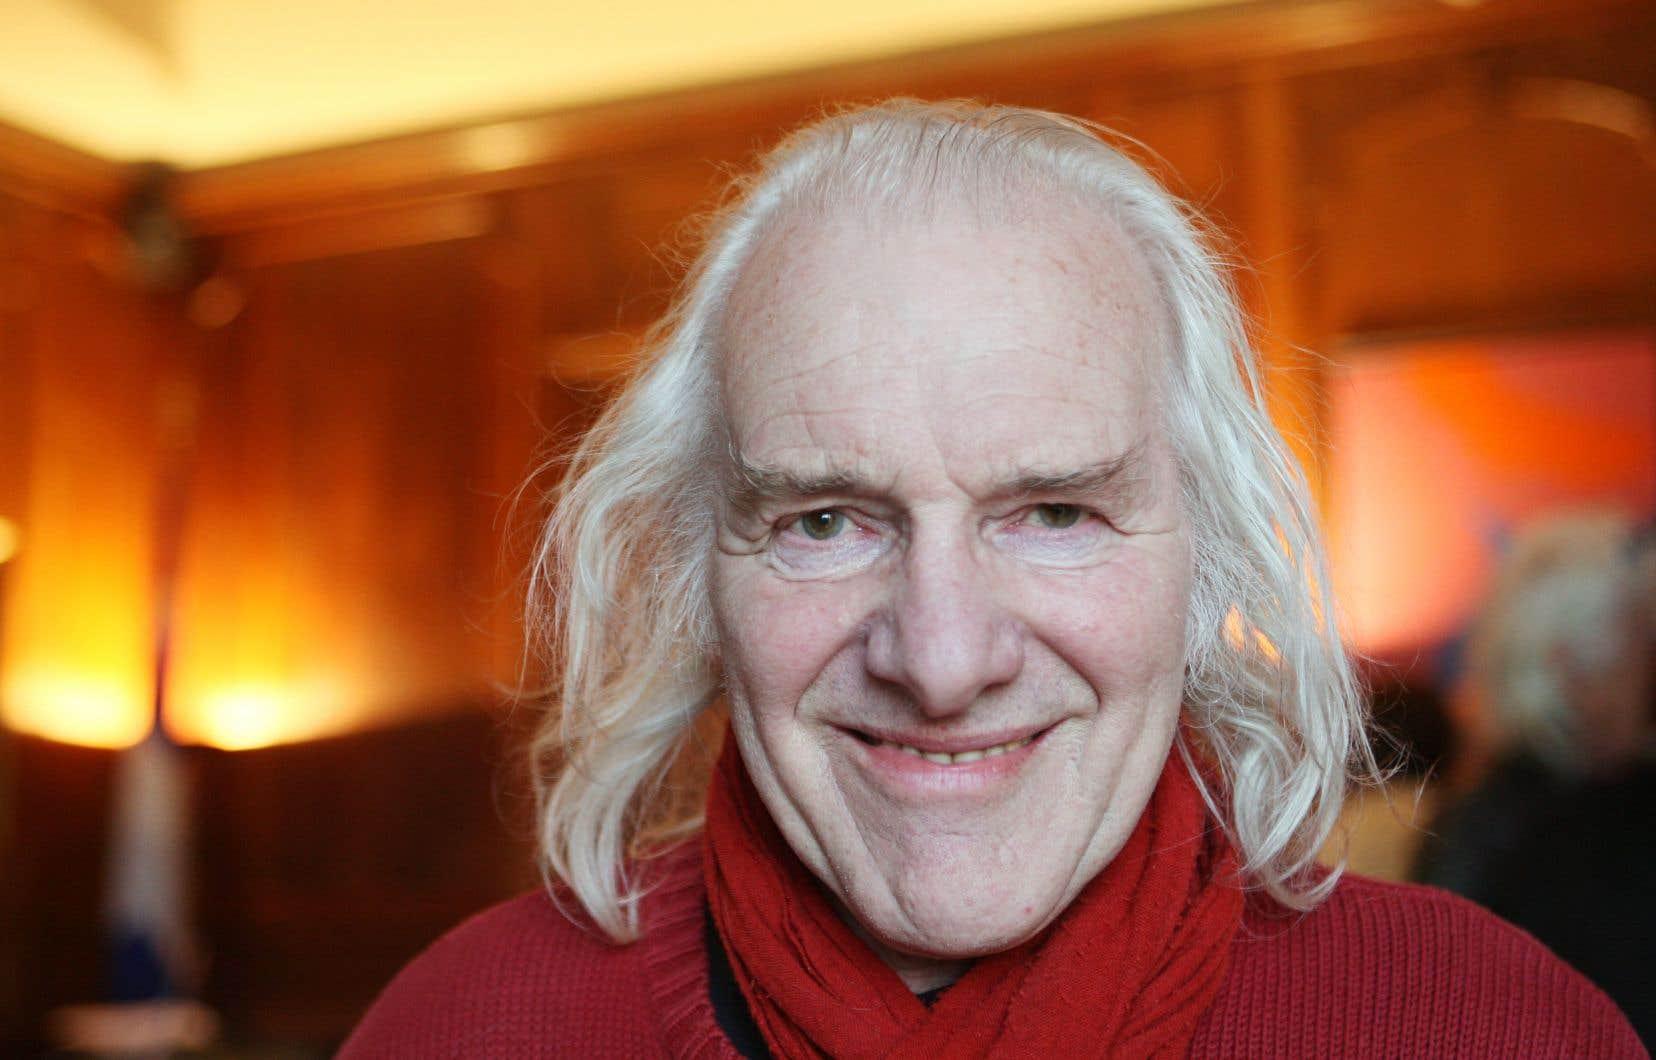 Né en juin 1936 à Bruxelles, élevé dans la campagne wallonne à Ecaussines (Sud), Beaucarne est toujours resté fidèle à ses origines.